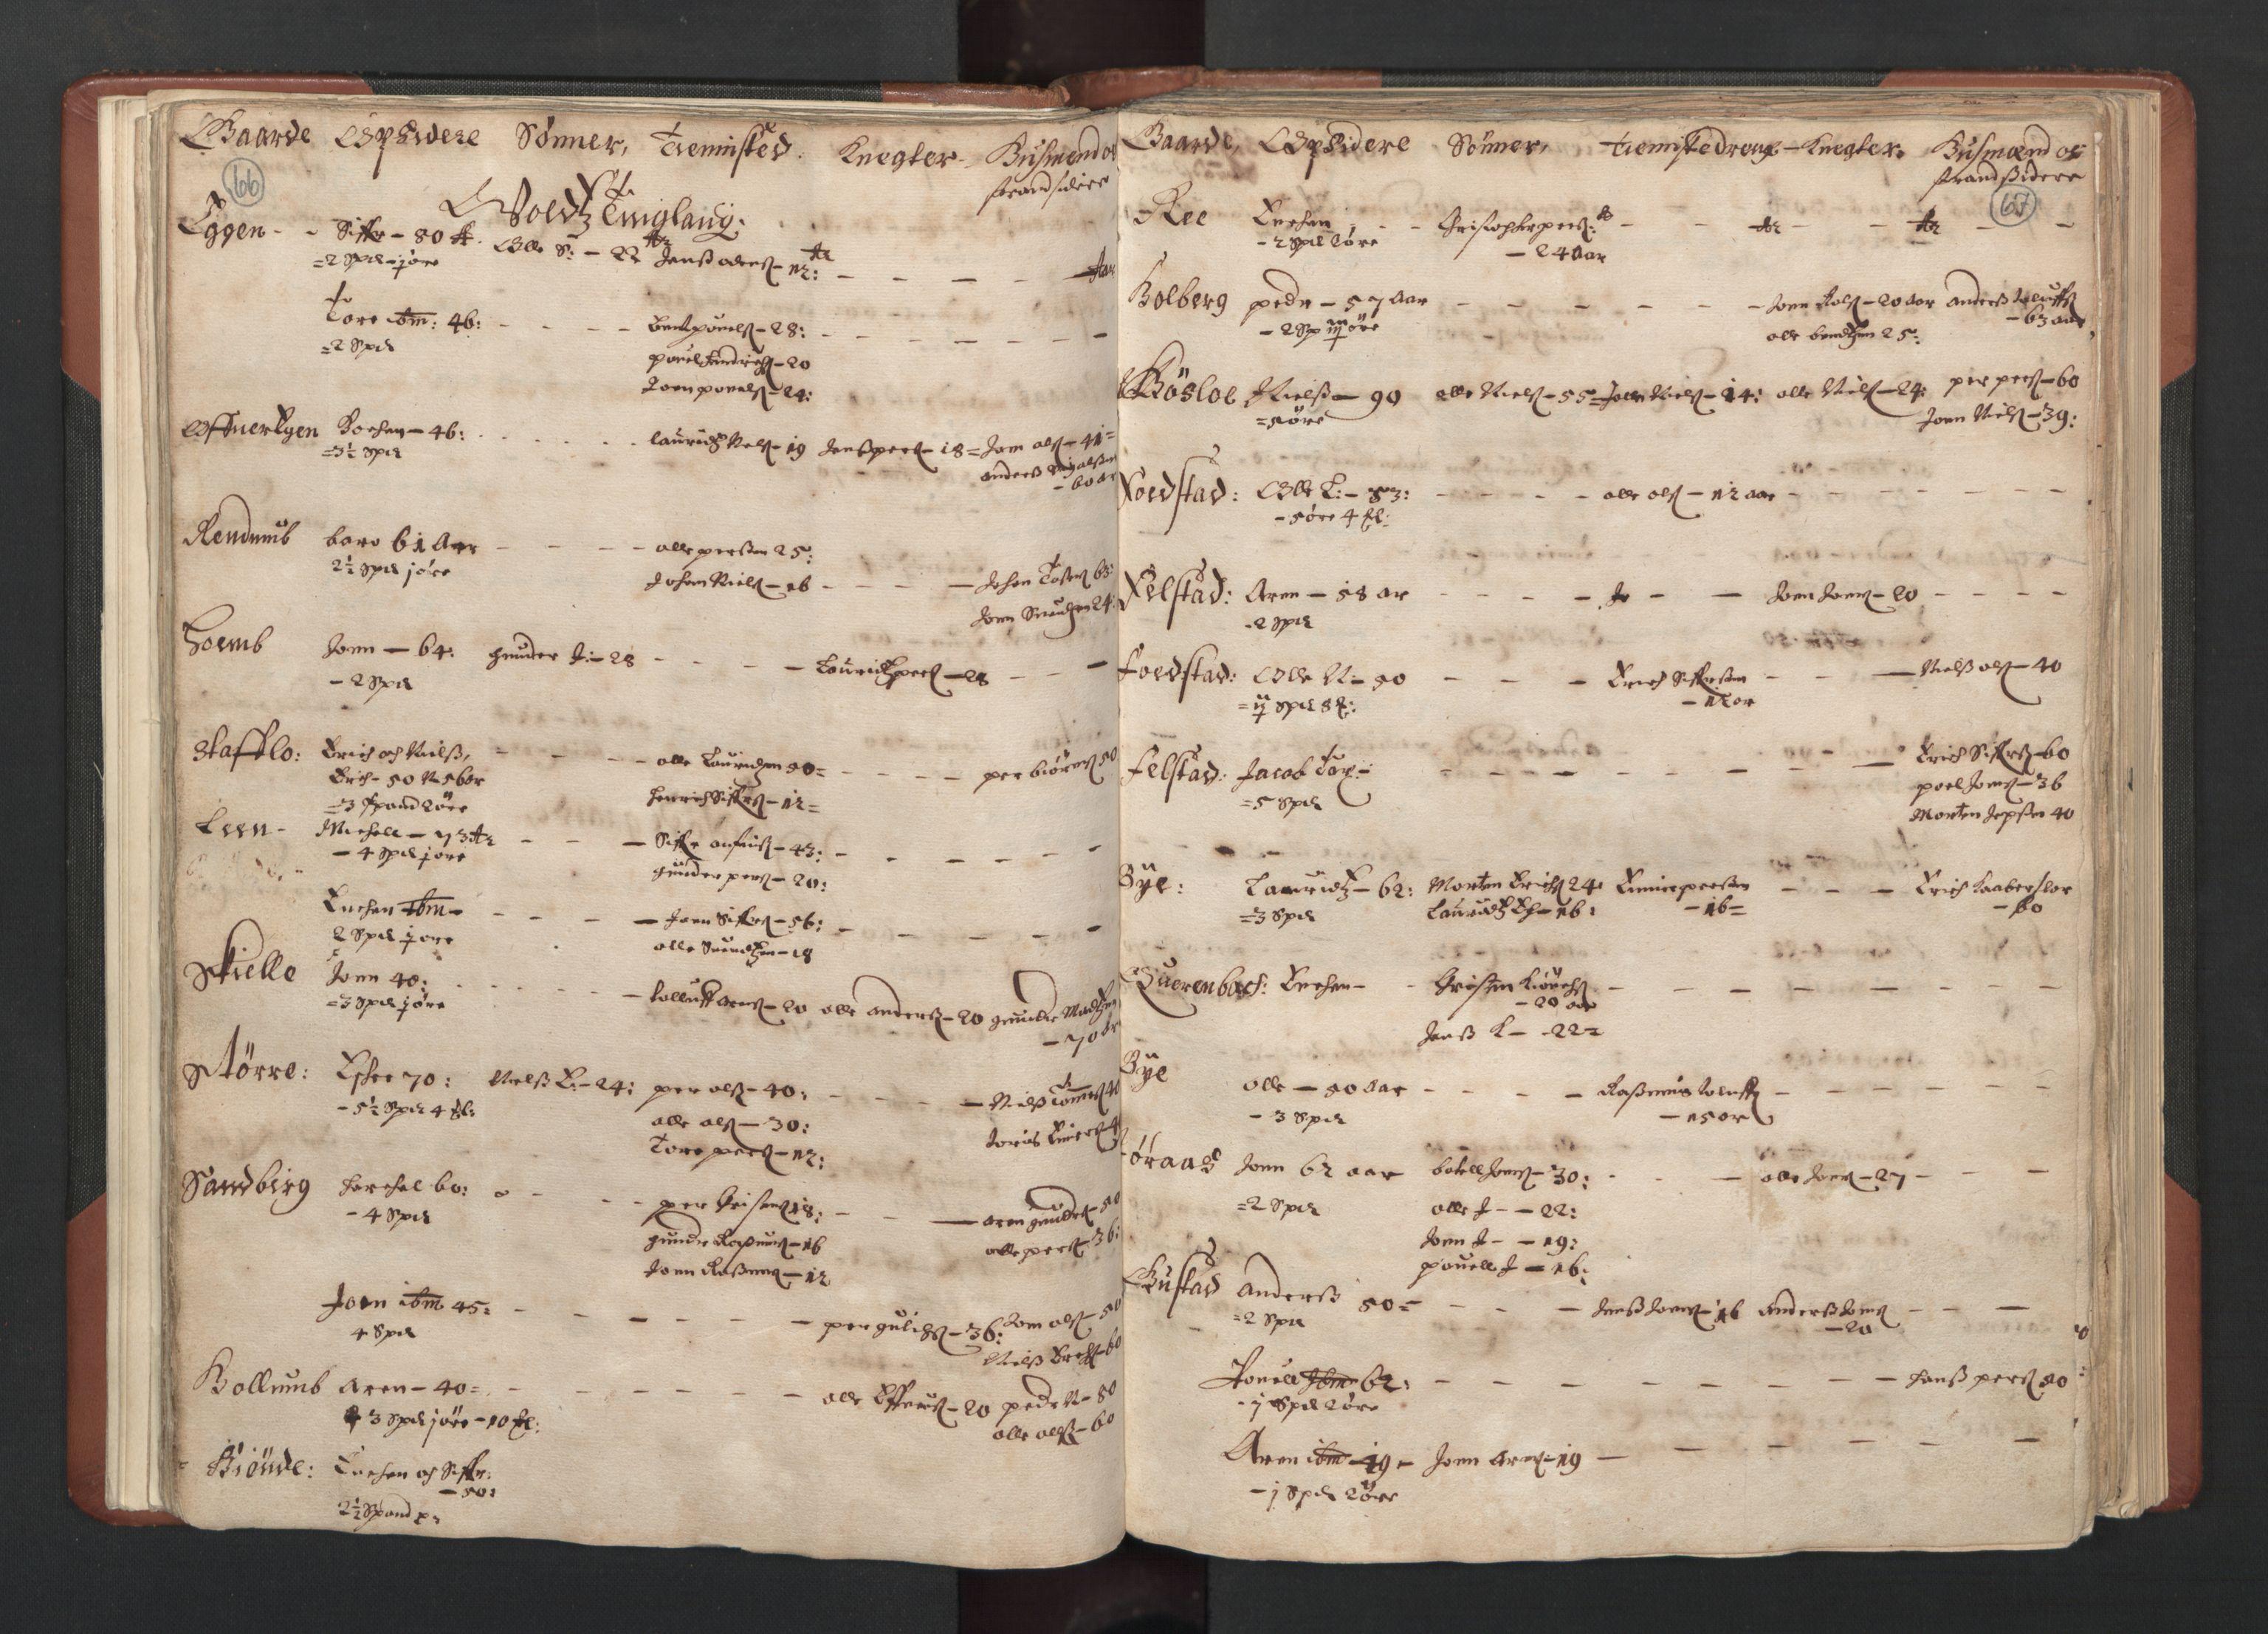 RA, Fogdenes og sorenskrivernes manntall 1664-1666, nr. 19: Fosen fogderi, Inderøy fogderi, Selbu fogderi, Namdal fogderi og Stjørdal fogderi, 1664-1665, s. 66-67